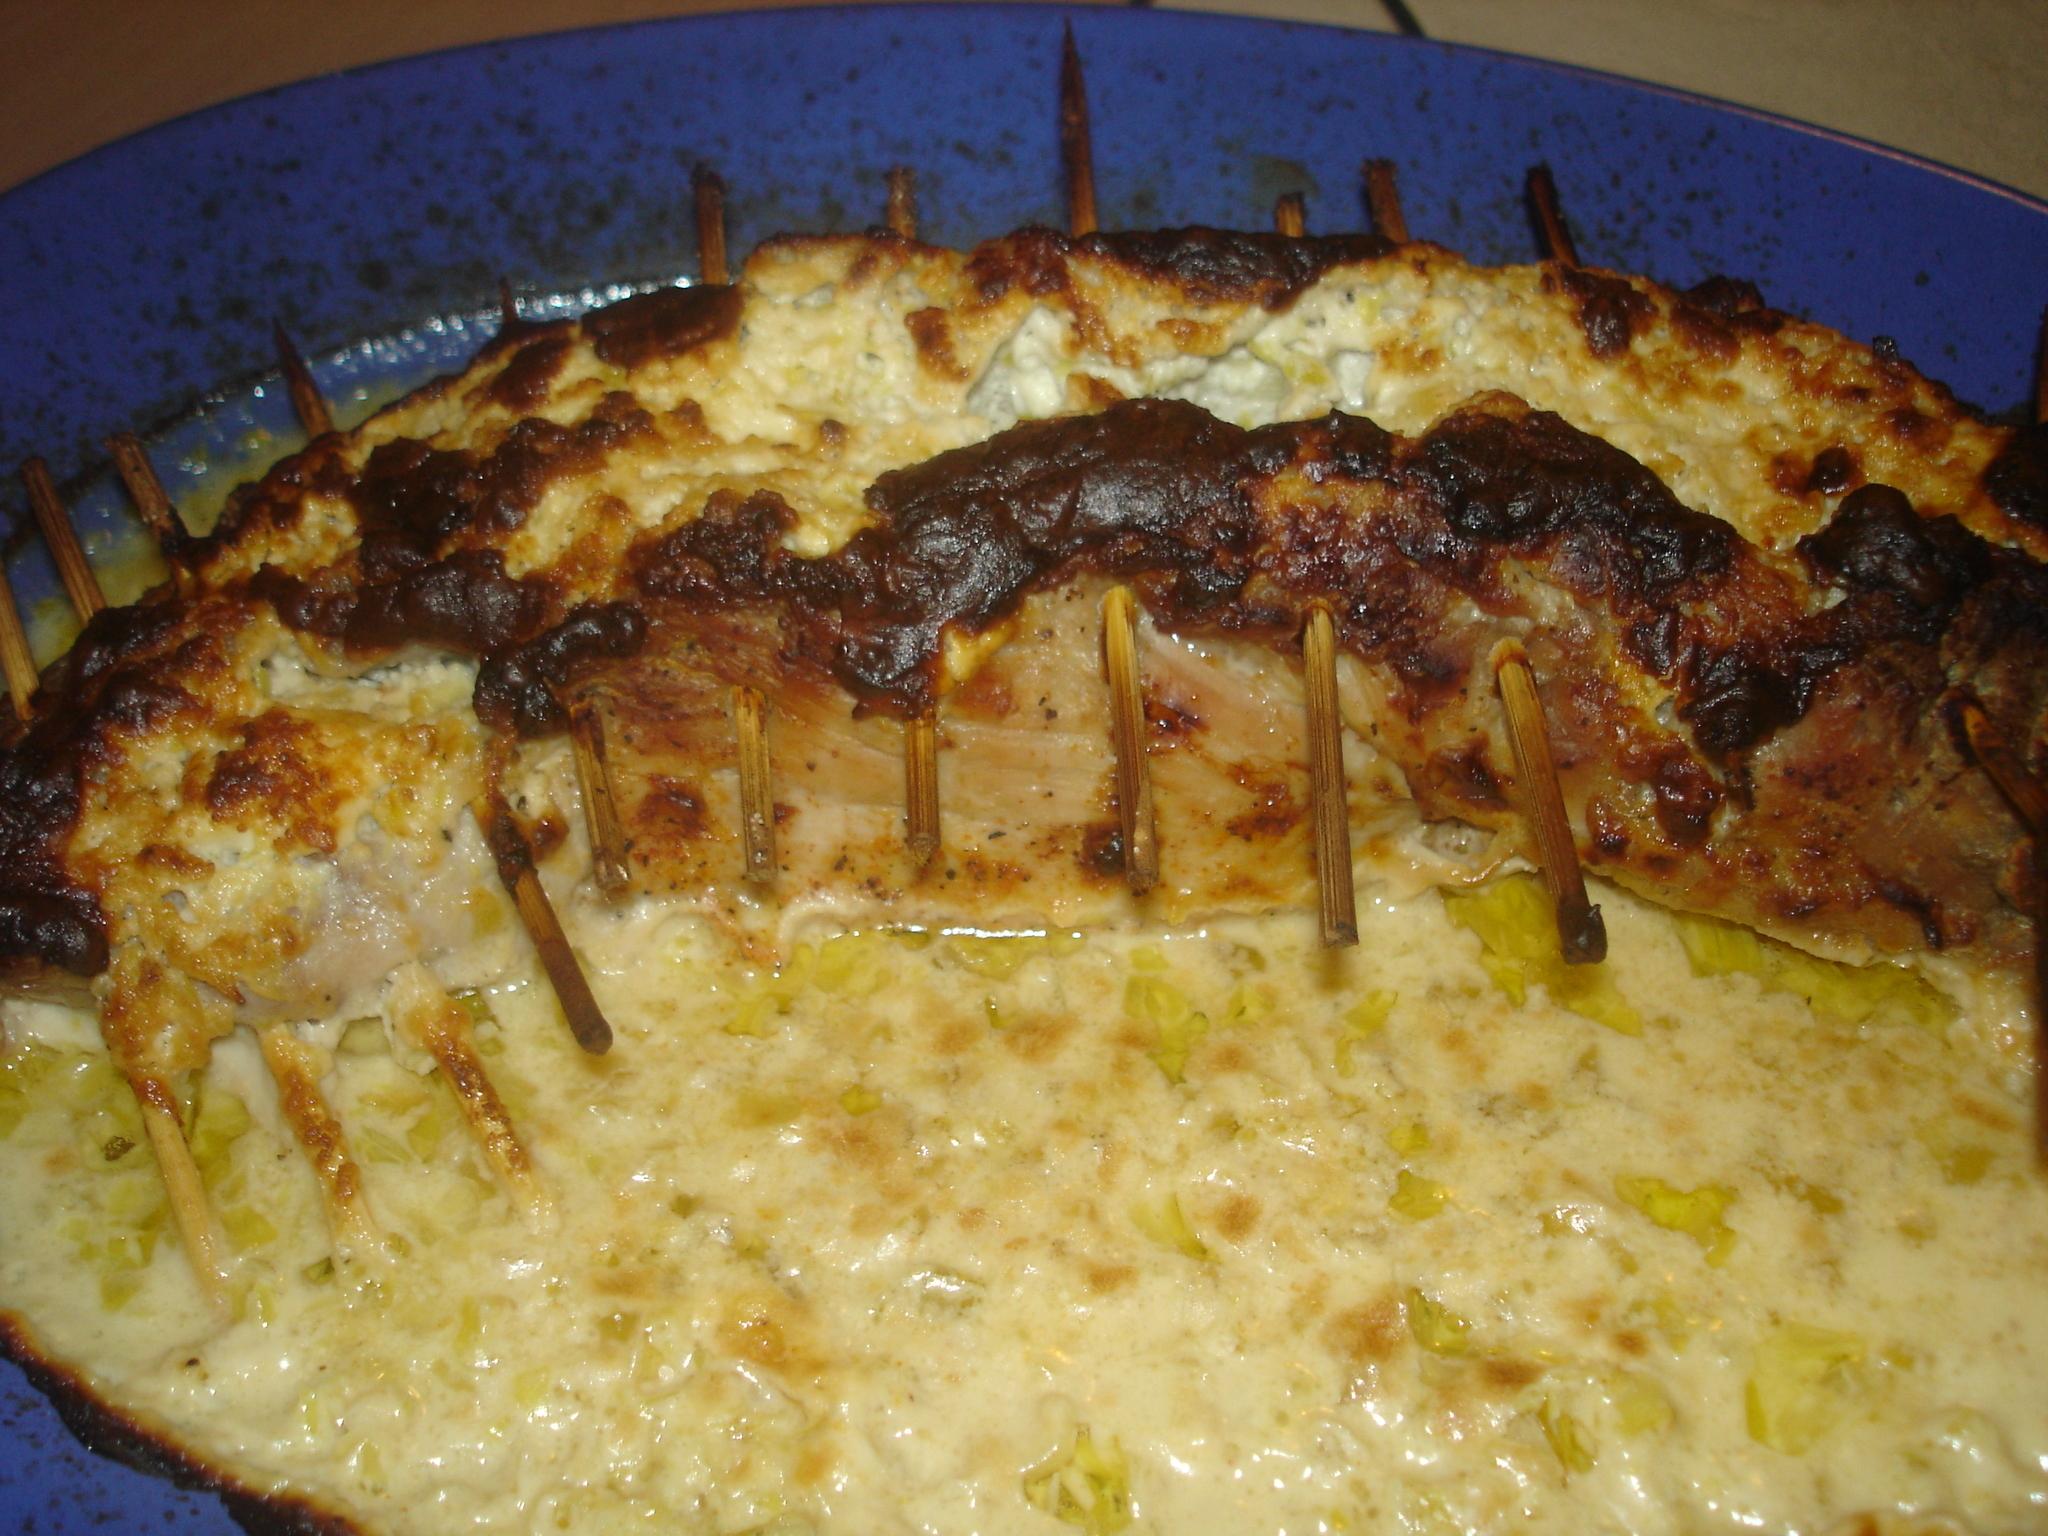 Fetaostfylld hel grillad fläskfilé